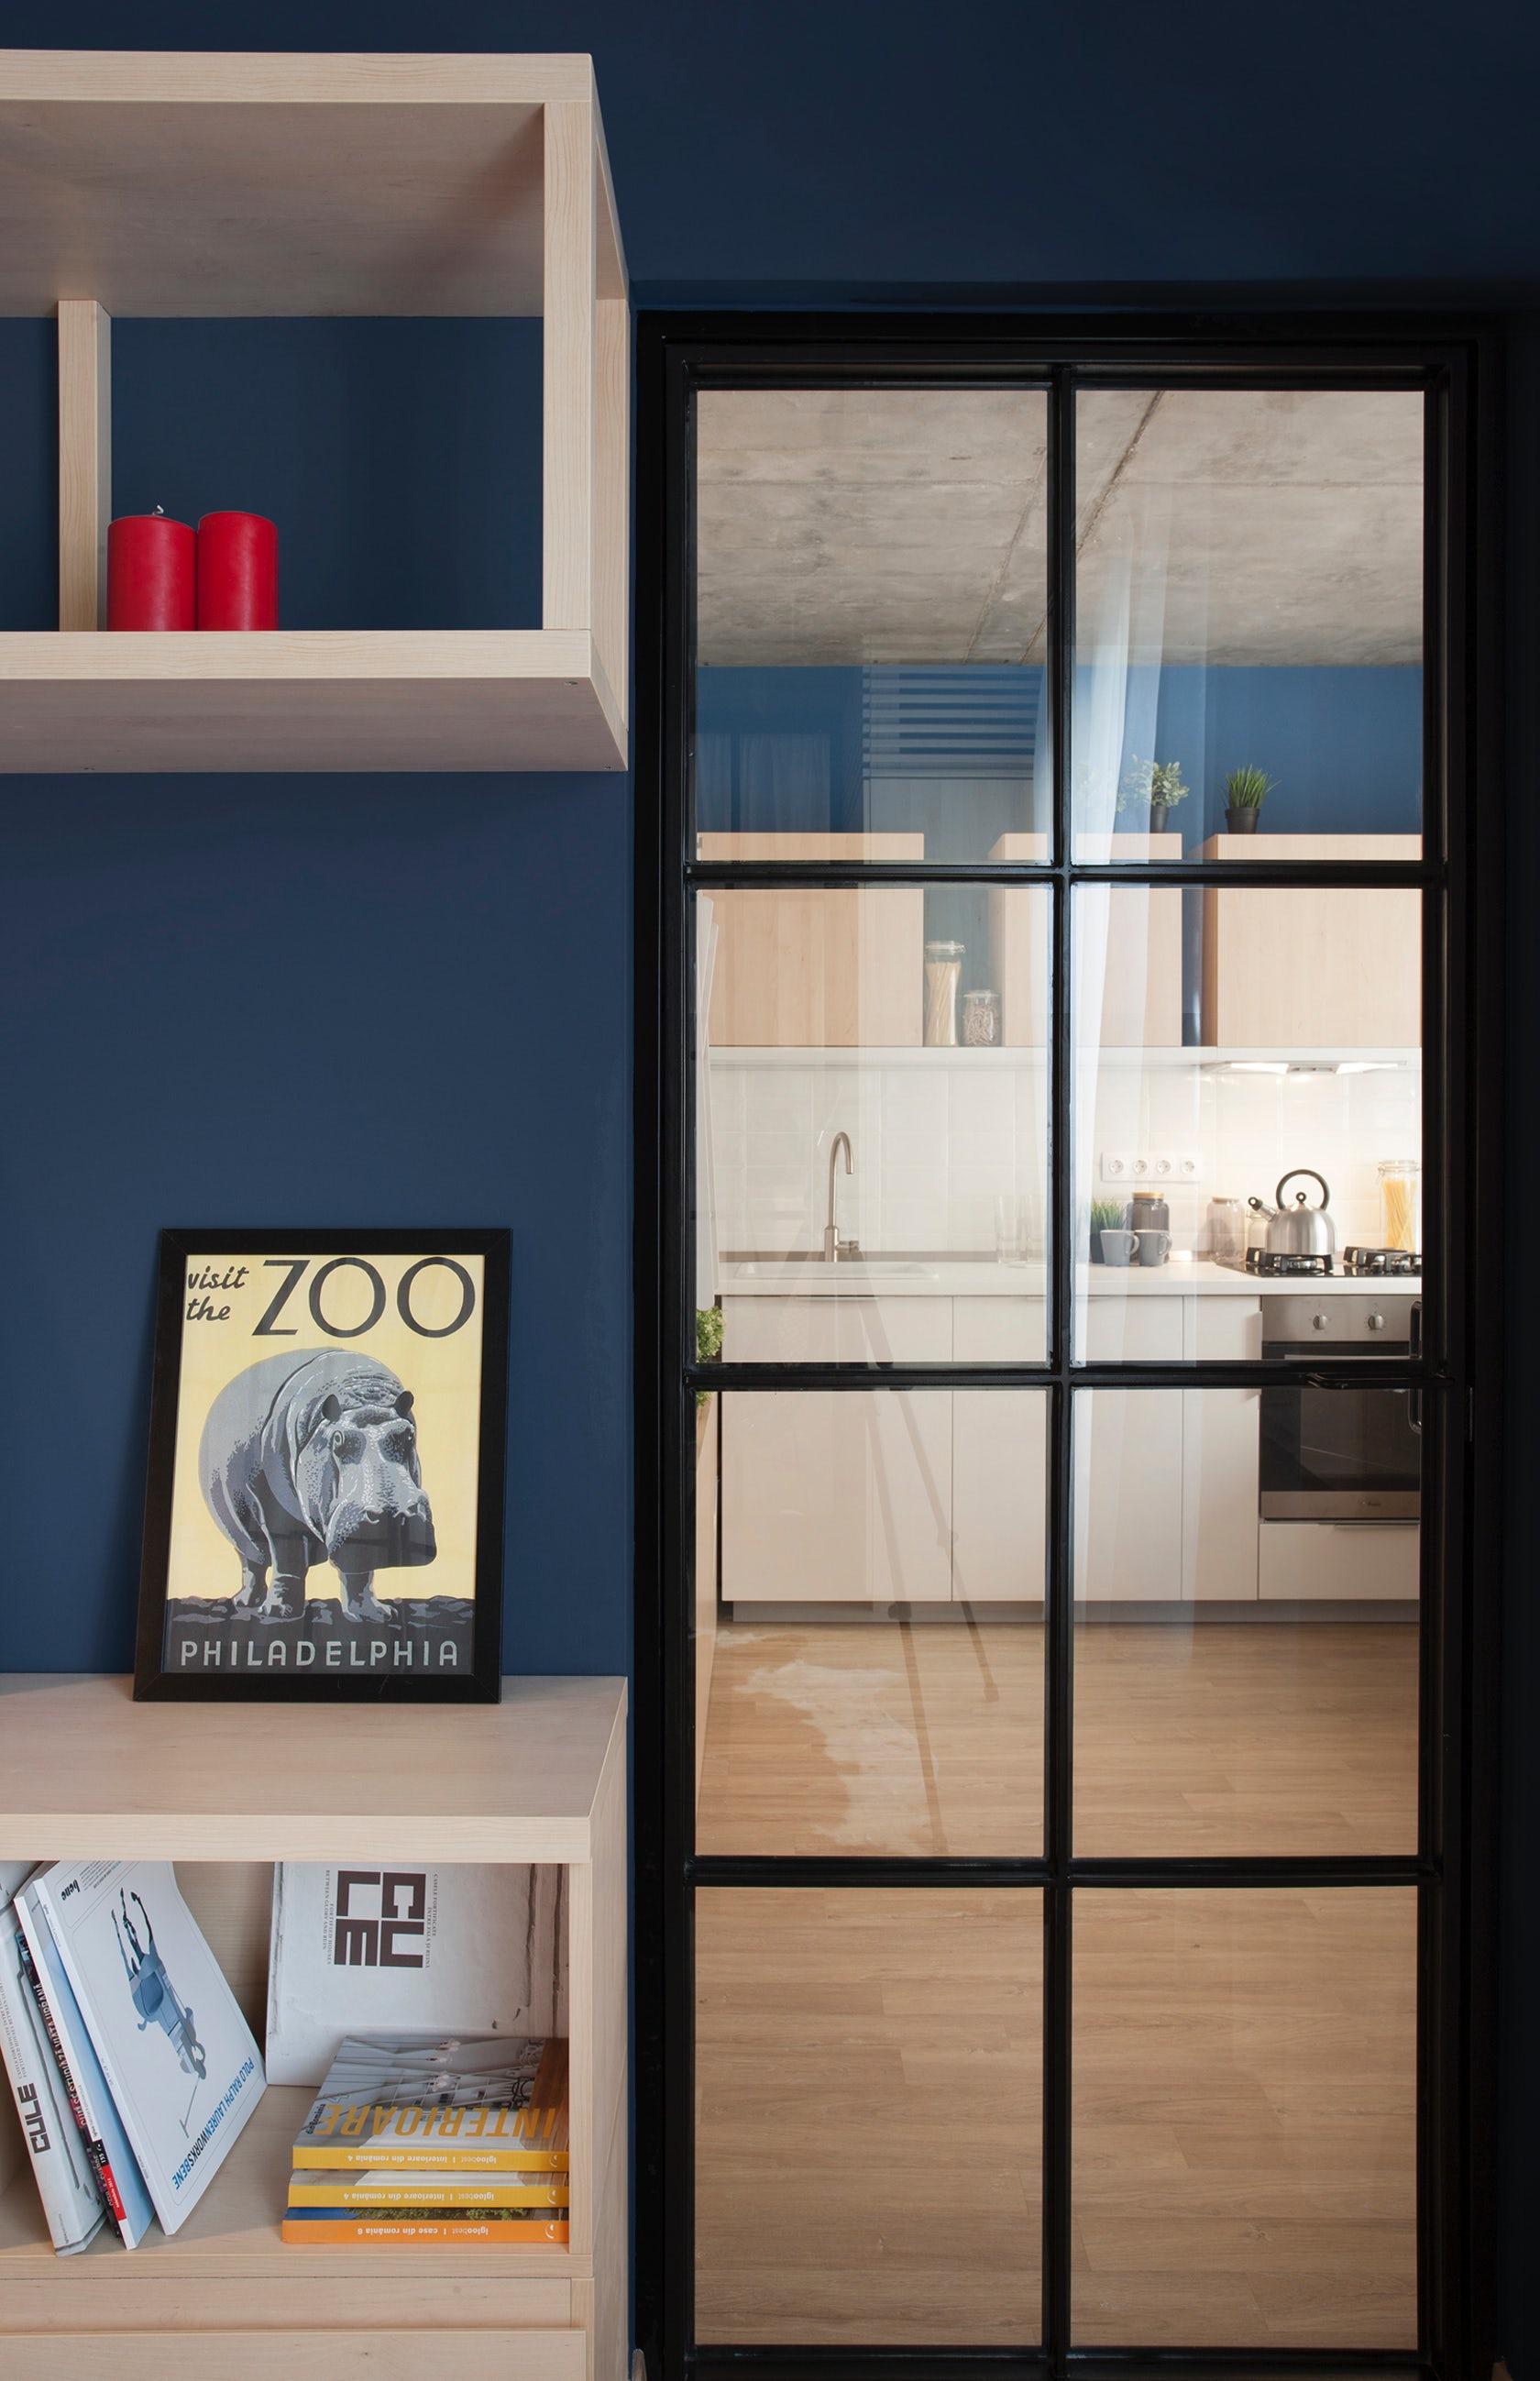 Cửa kính được dùng làm căn nhà trở nên rộng hơn